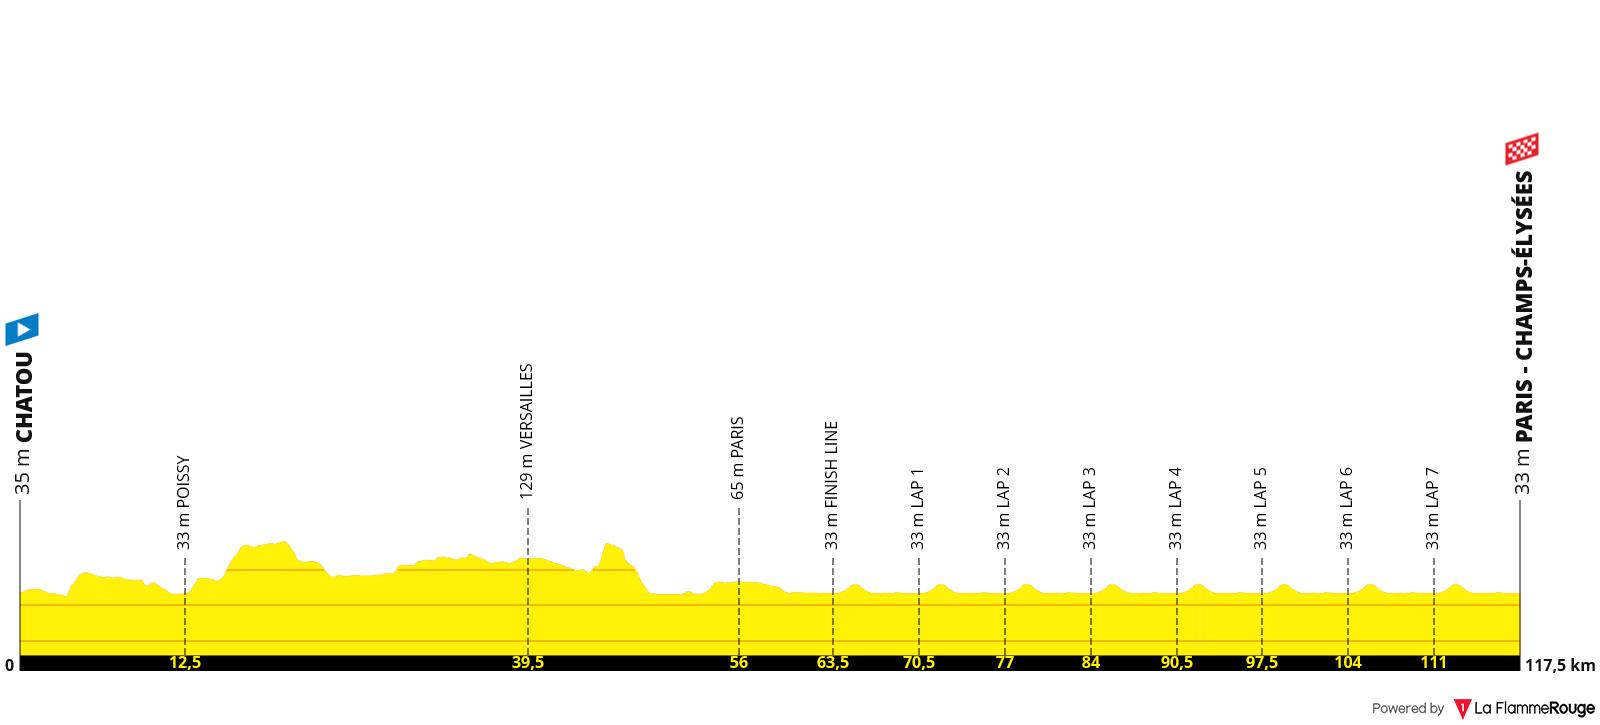 Etapa 21 - Tour de Francia 2021